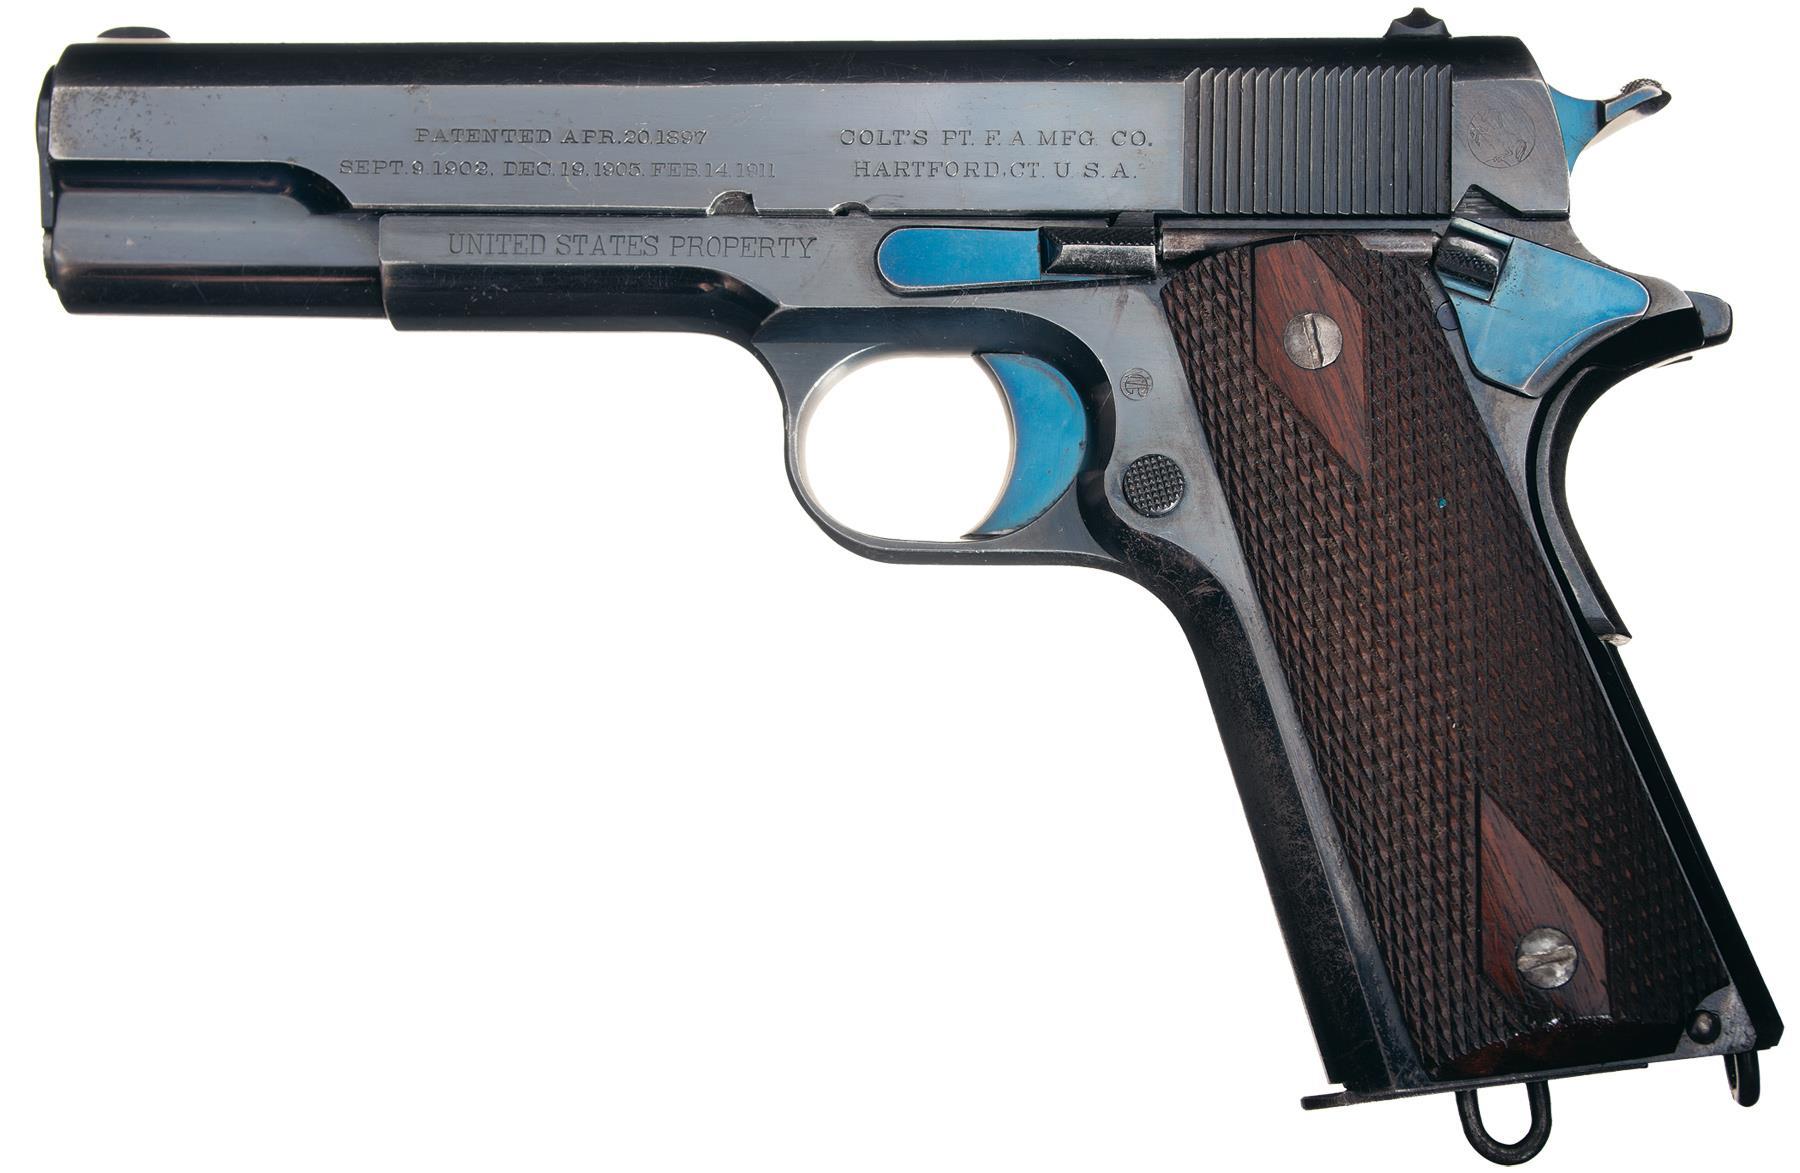 1911 Pistol Colt 45 Assembled On Dec 28 1911 Pistol Firearms Auction Lot 3131